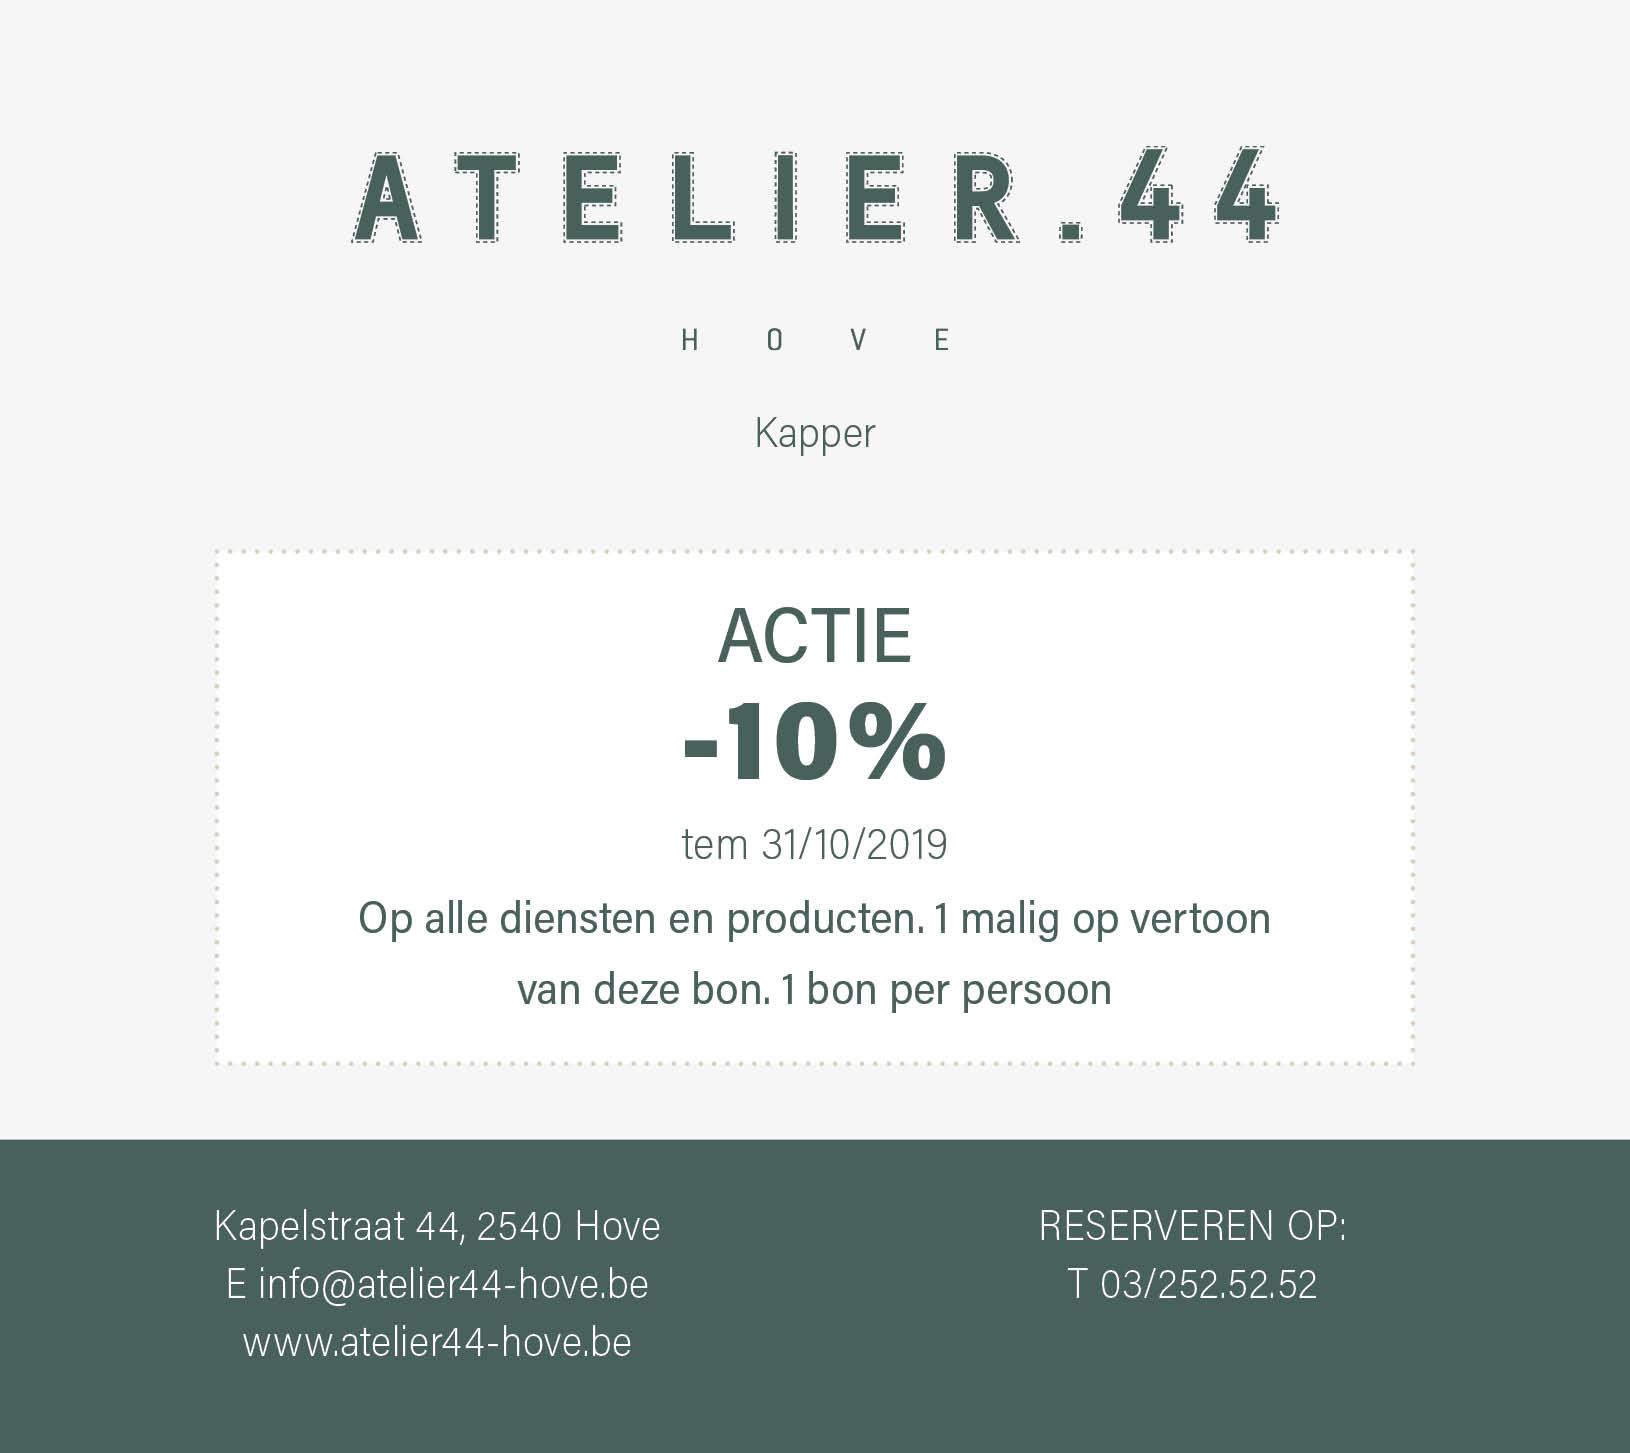 atelier44_hove_sept_2019.jpg